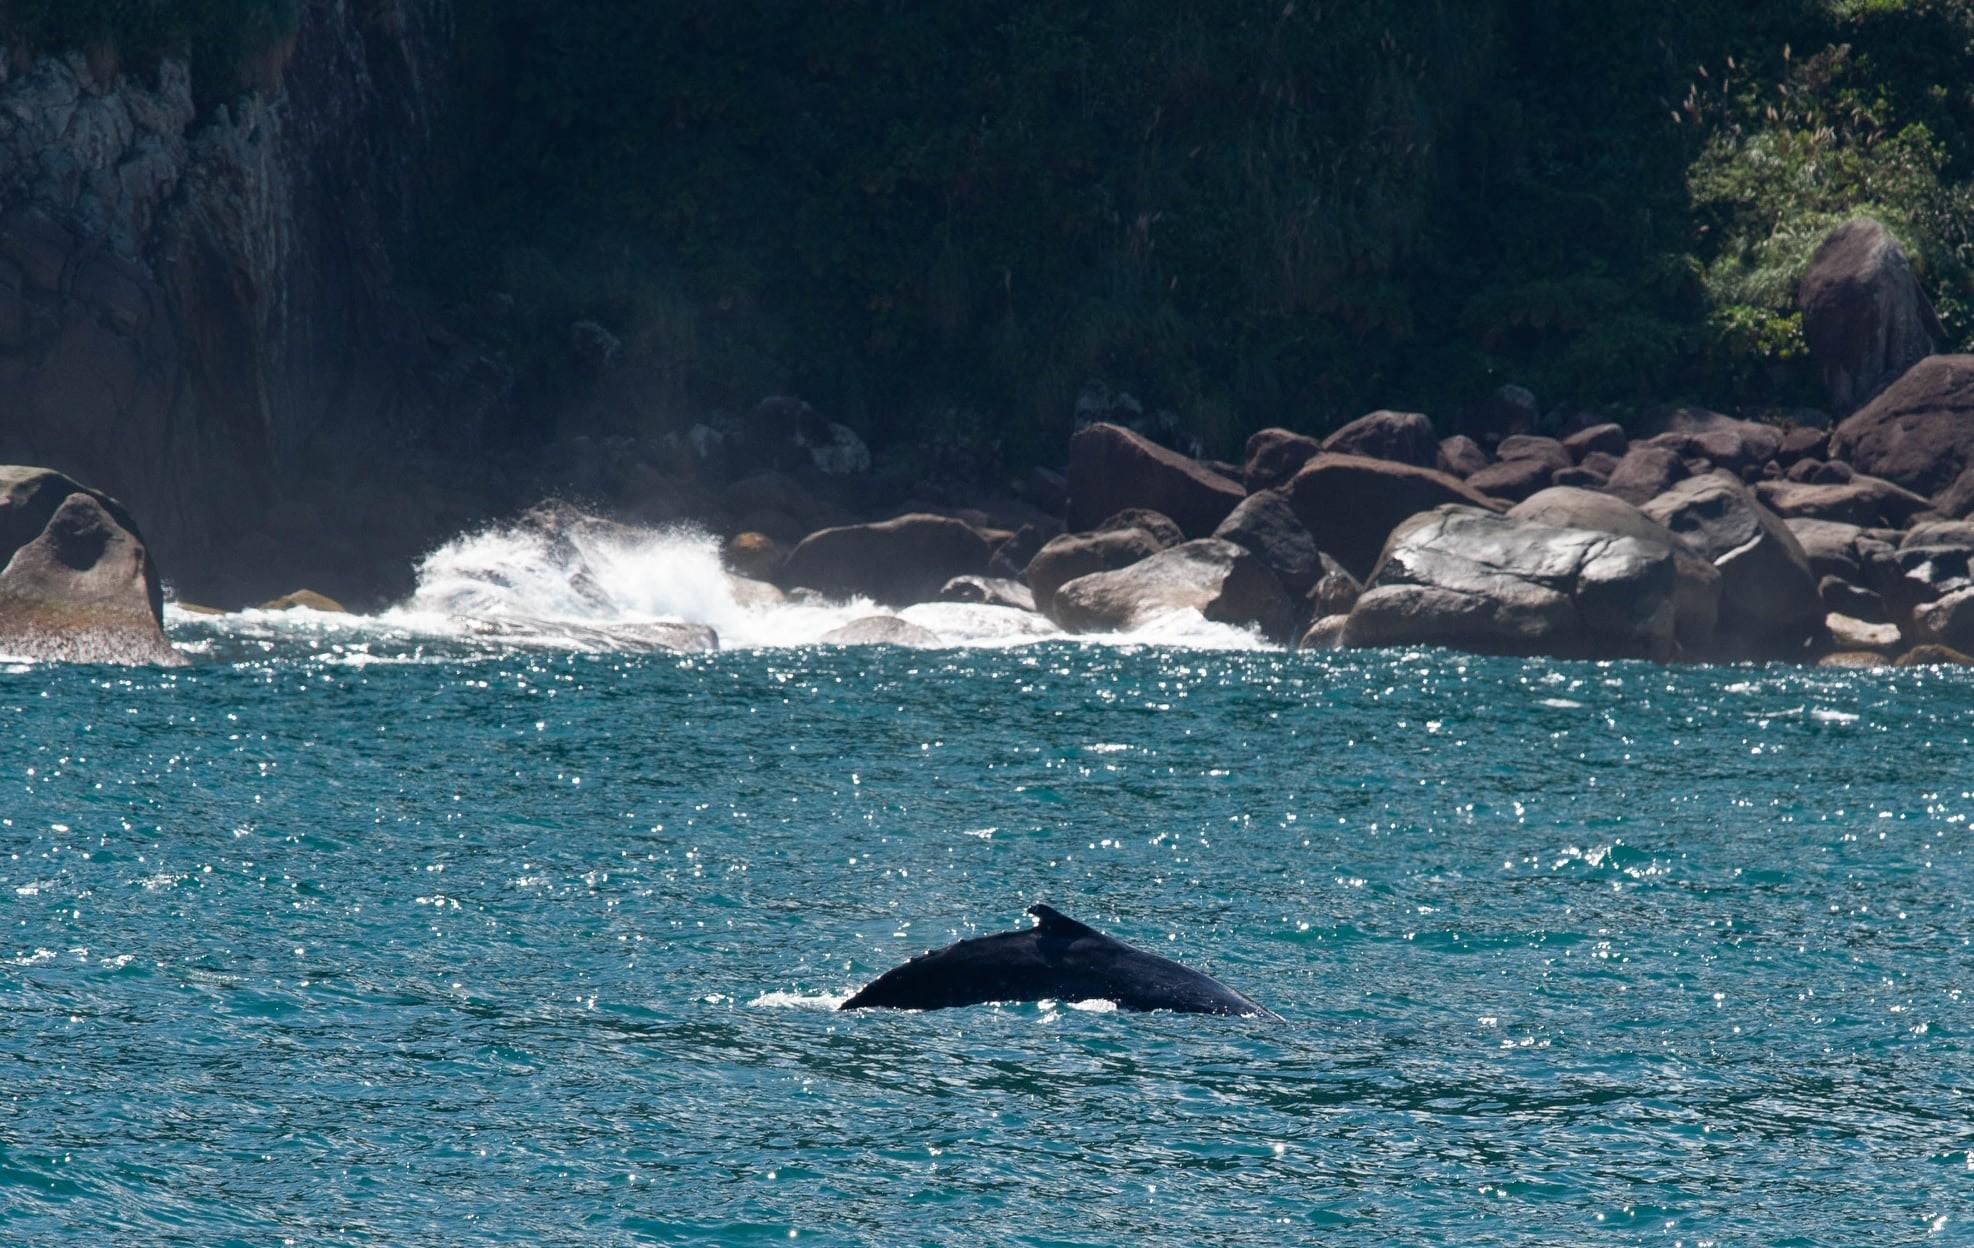 Baleia jubarte de nove metros é flagrada em Ilhabela, SP